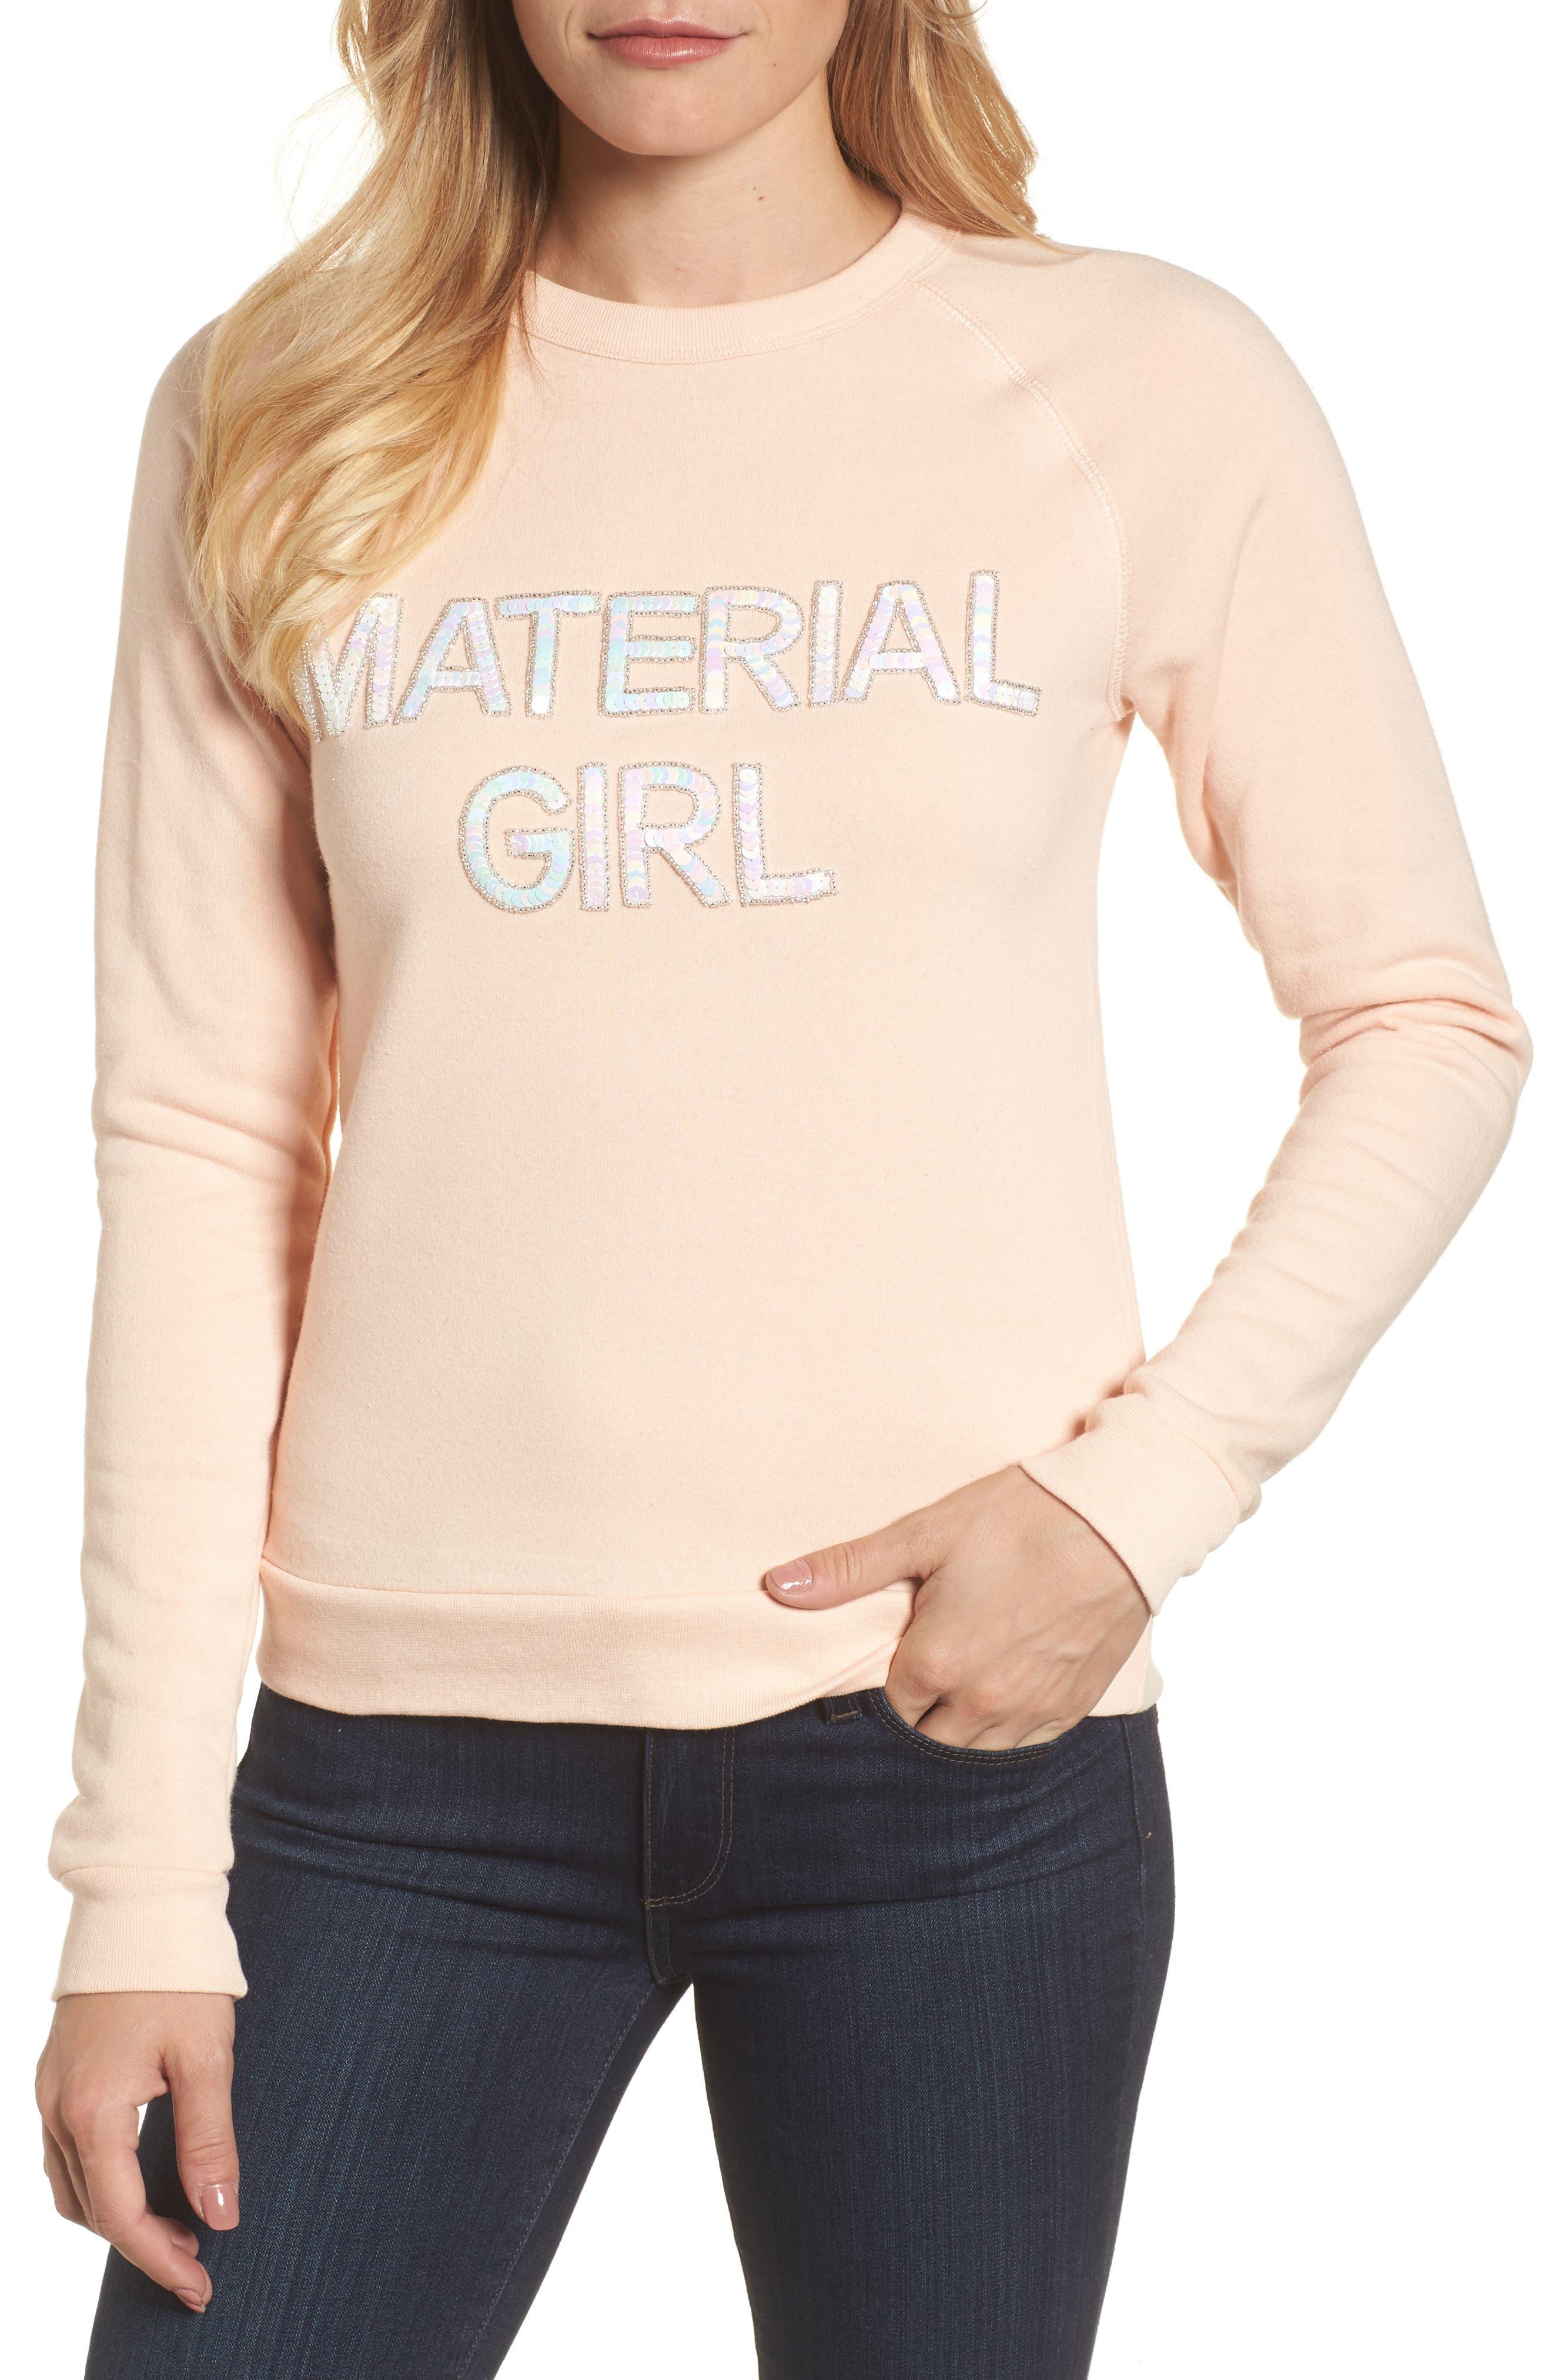 Material Girl Sweatshirt,                         Main,                         color, 650